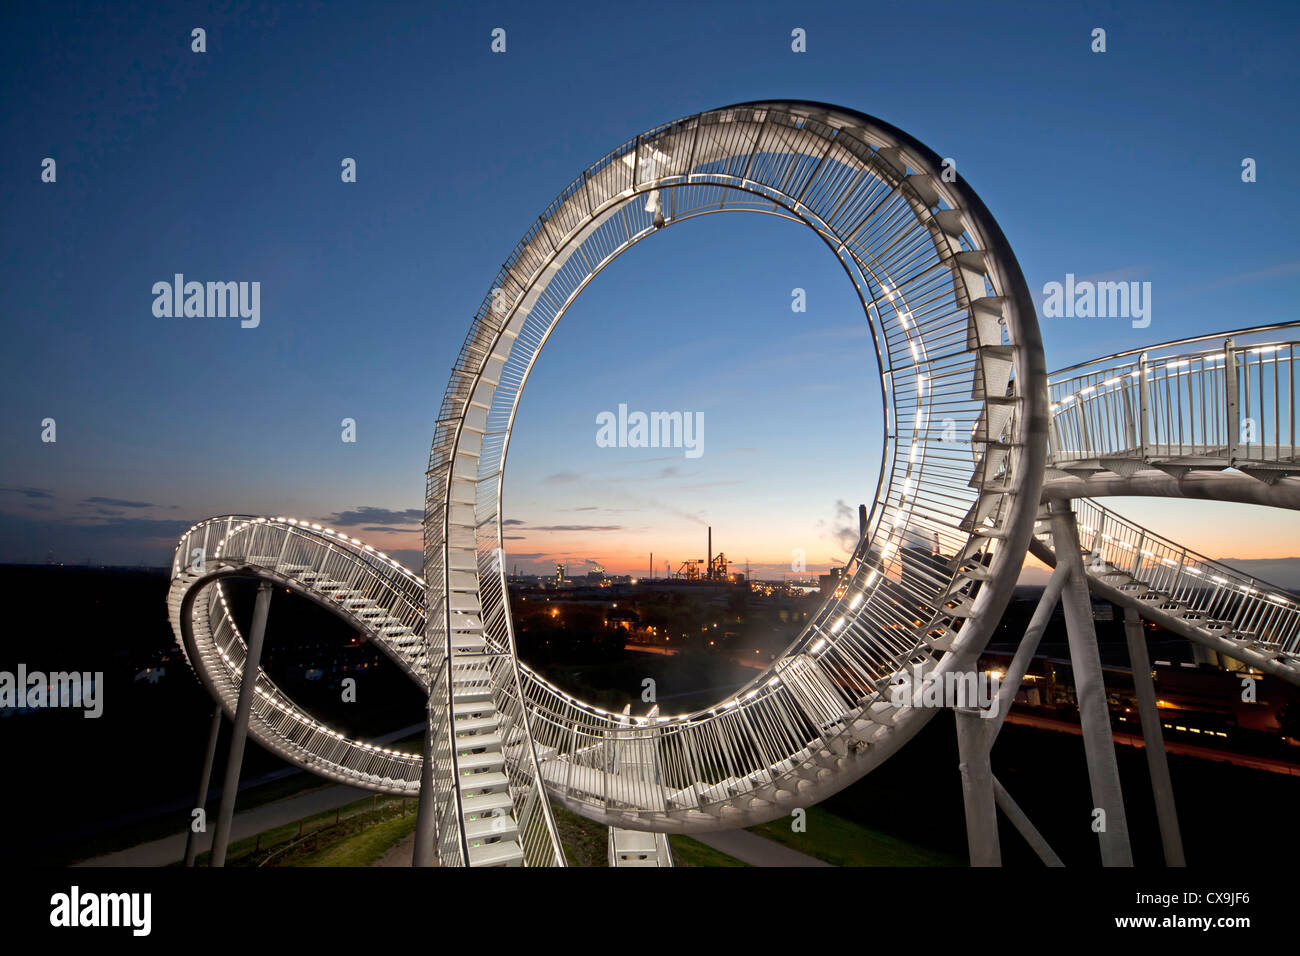 Die begehbare, Rollercoaster geformte Skulptur Tiger & Turtle ? Magic Mountain und Kraftwerk in Duisburg, Deutschland Stockbild